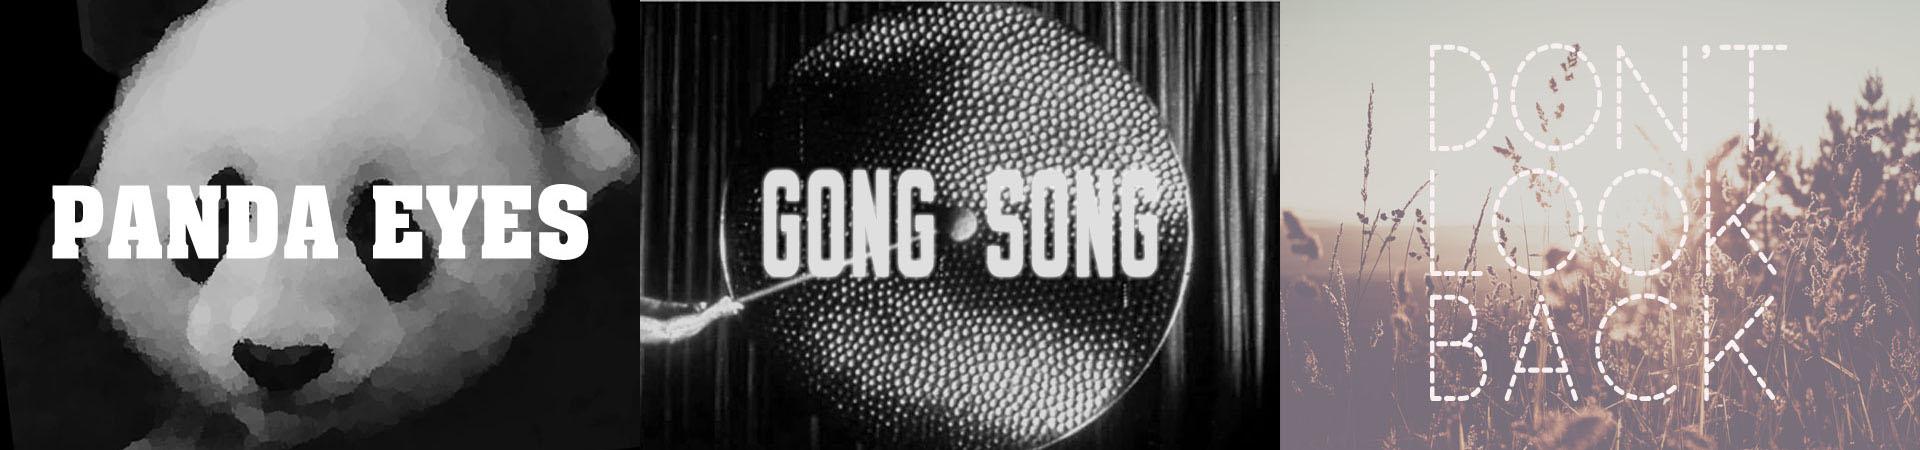 Panda Gong DLB